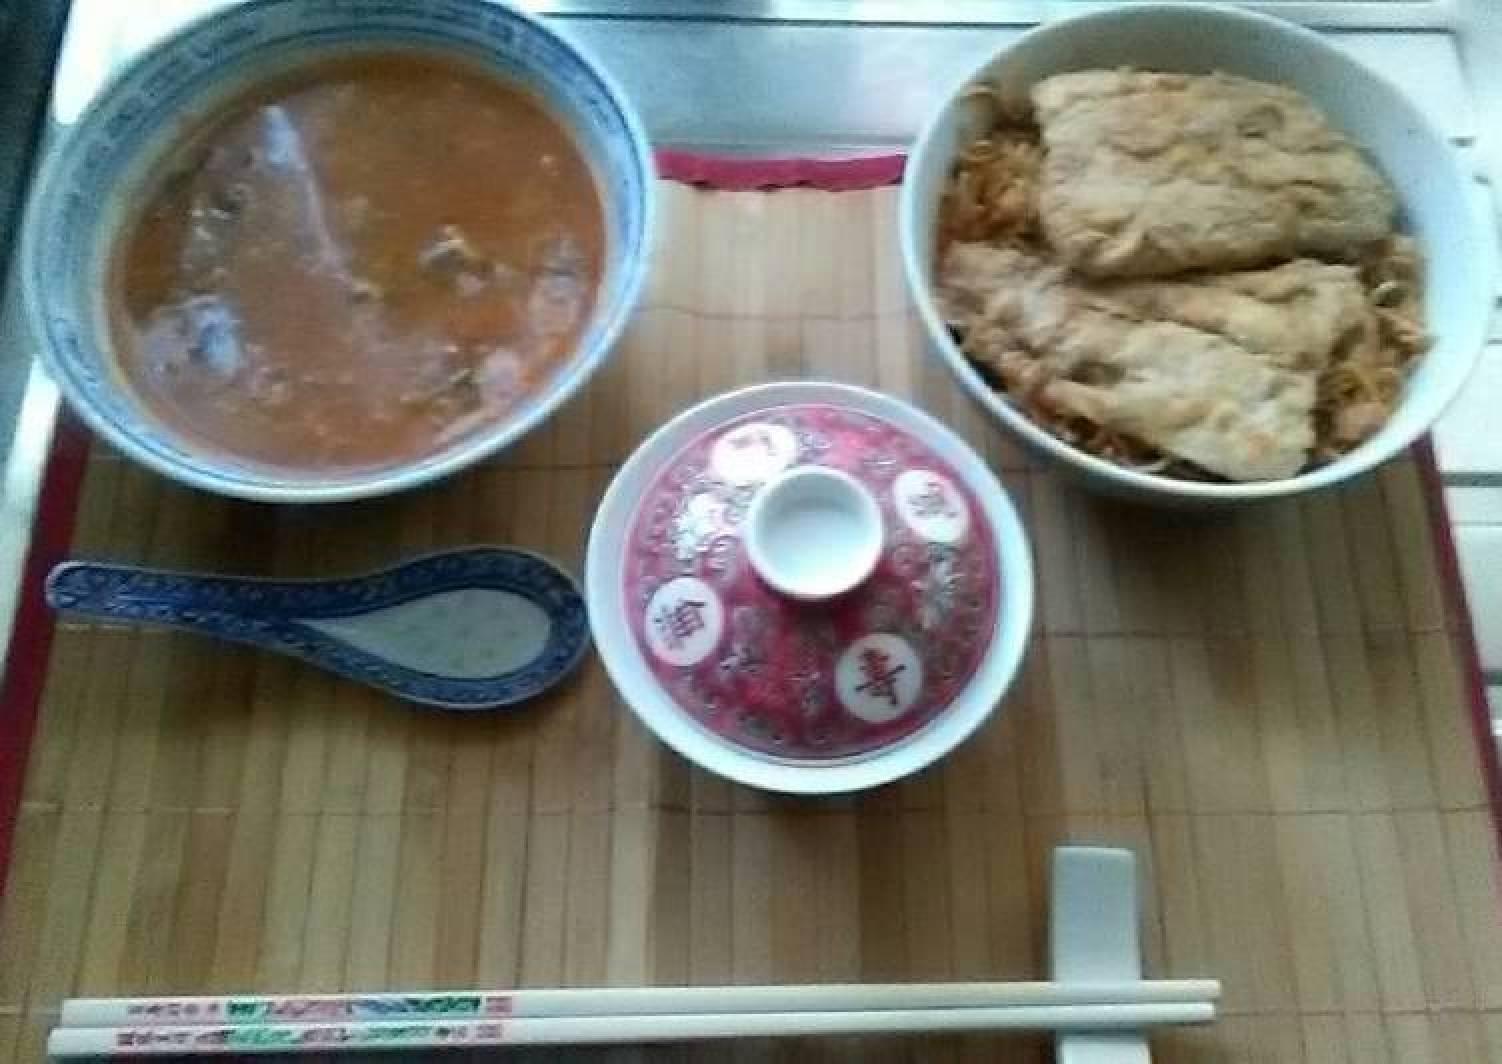 Japanese poach smoke haddock fillets in sho chiku Bai sake